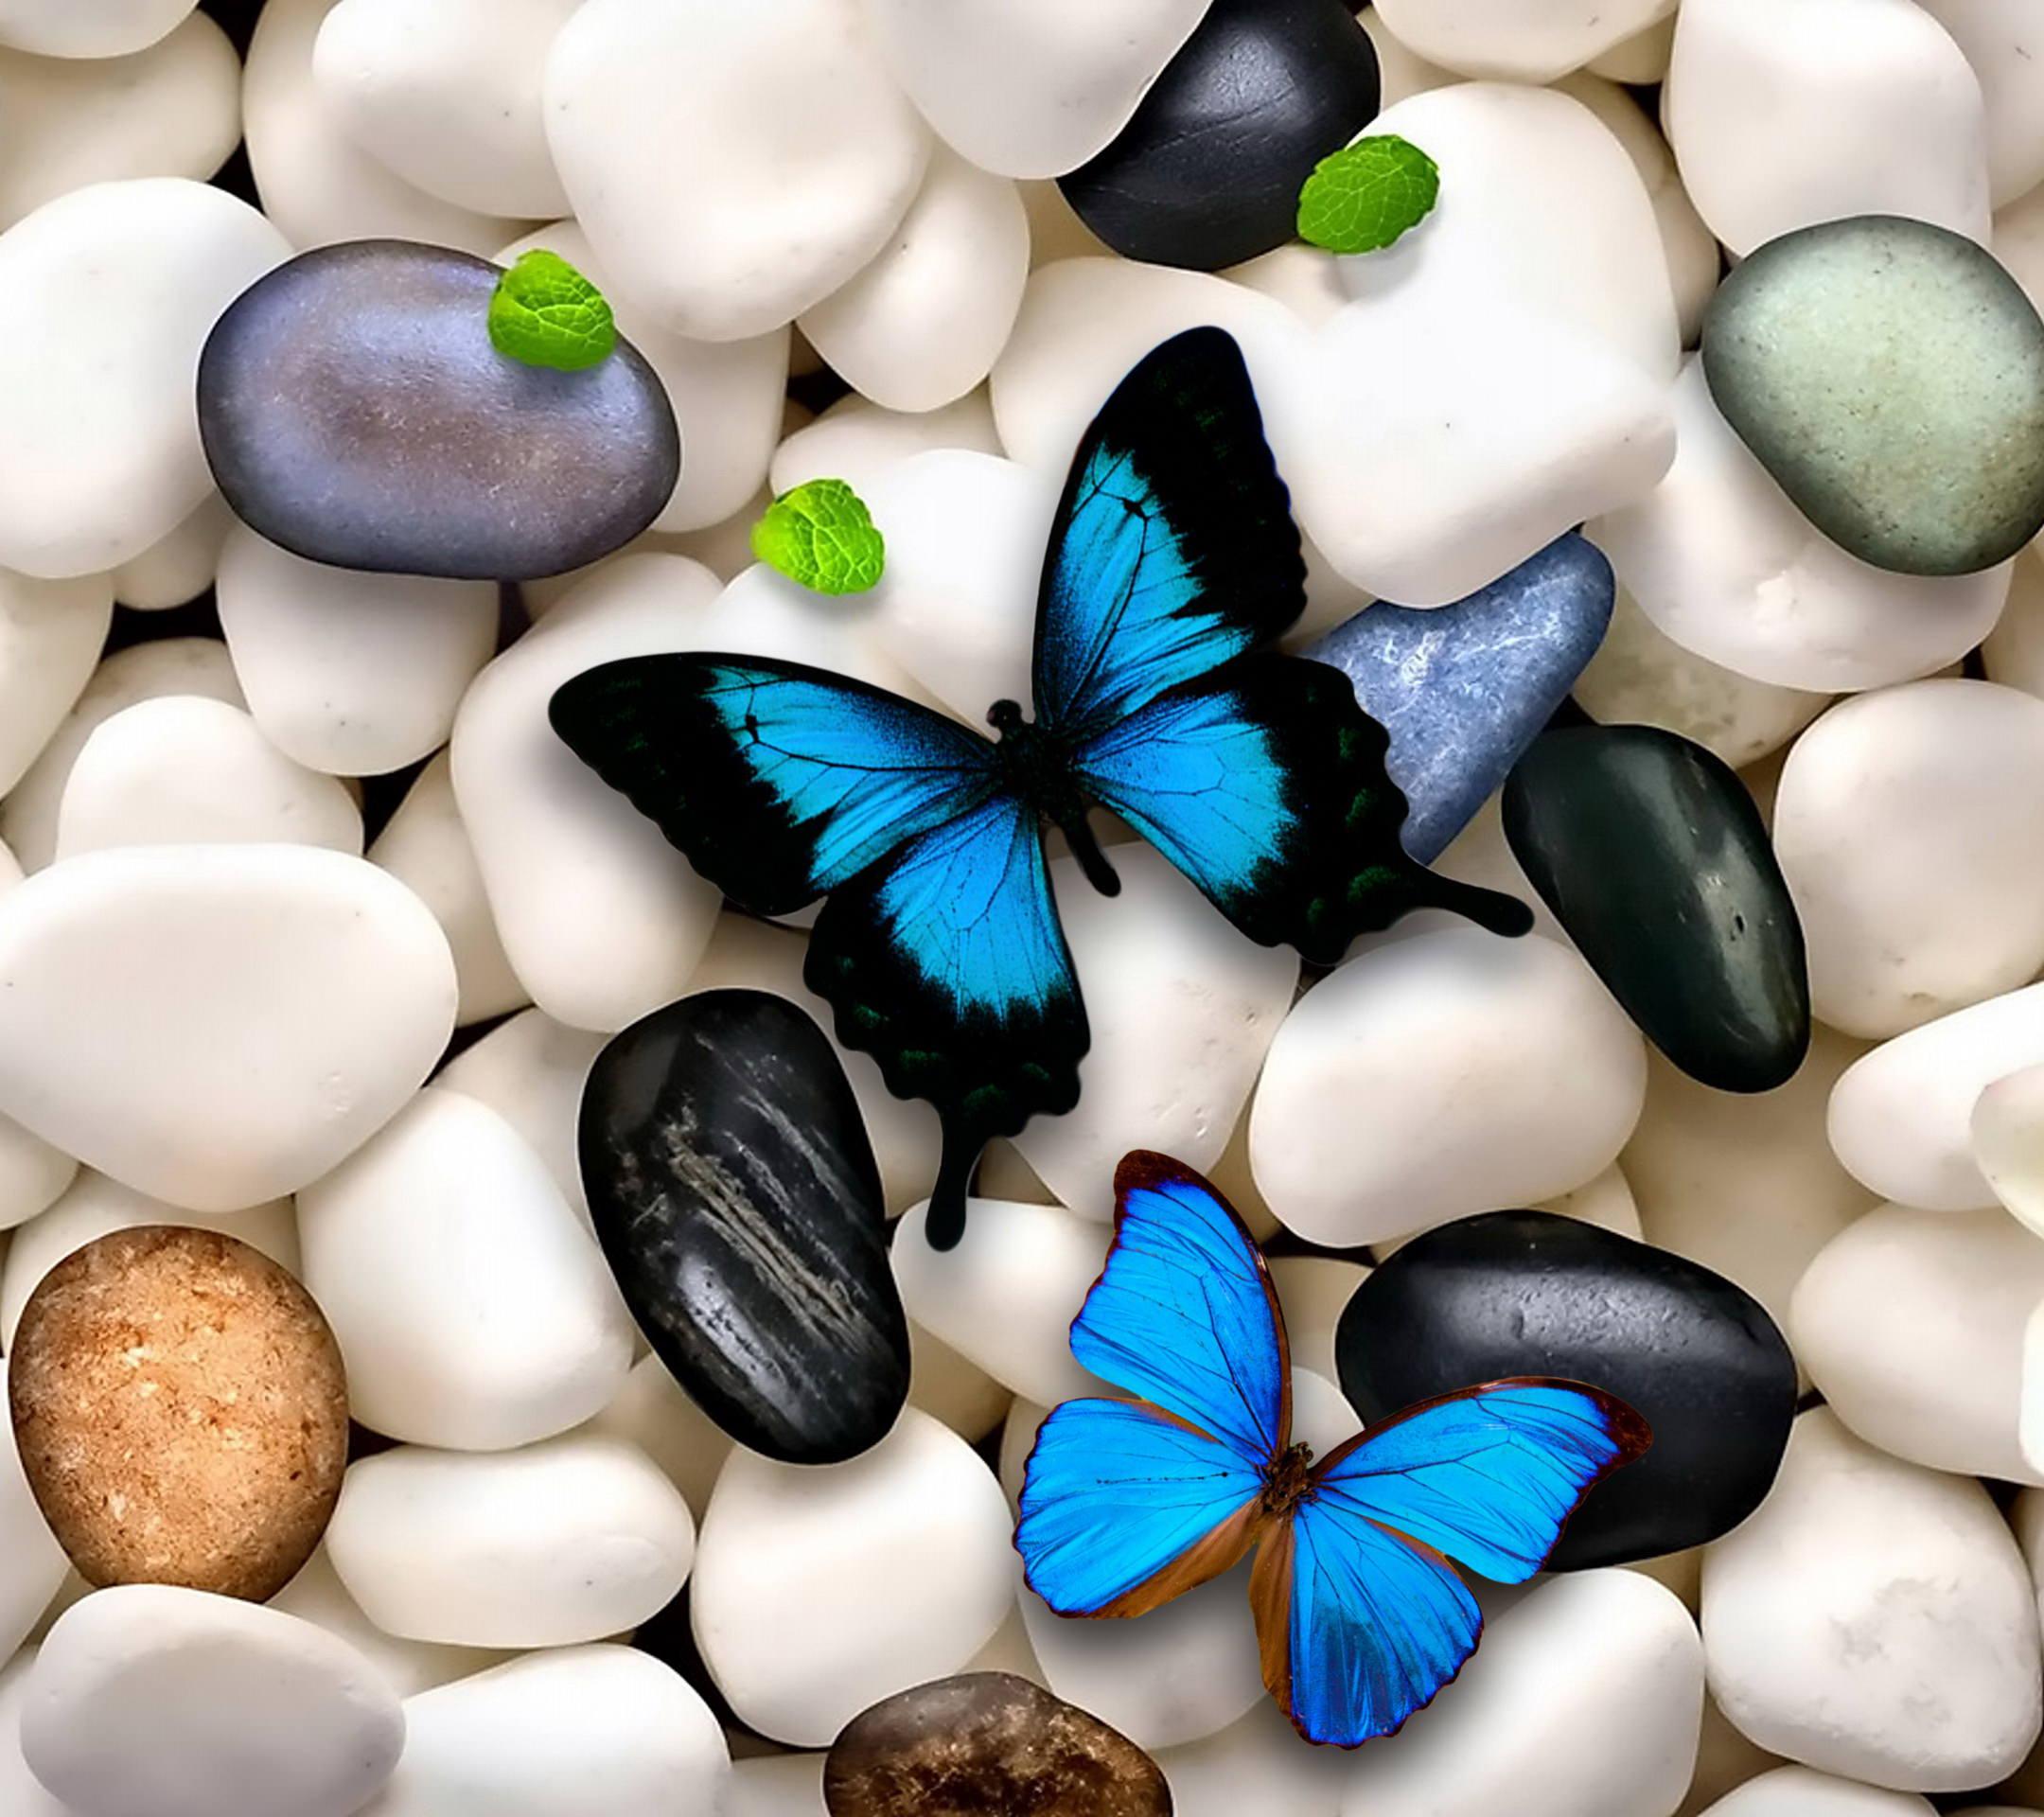 青い蝶と石 Android壁紙